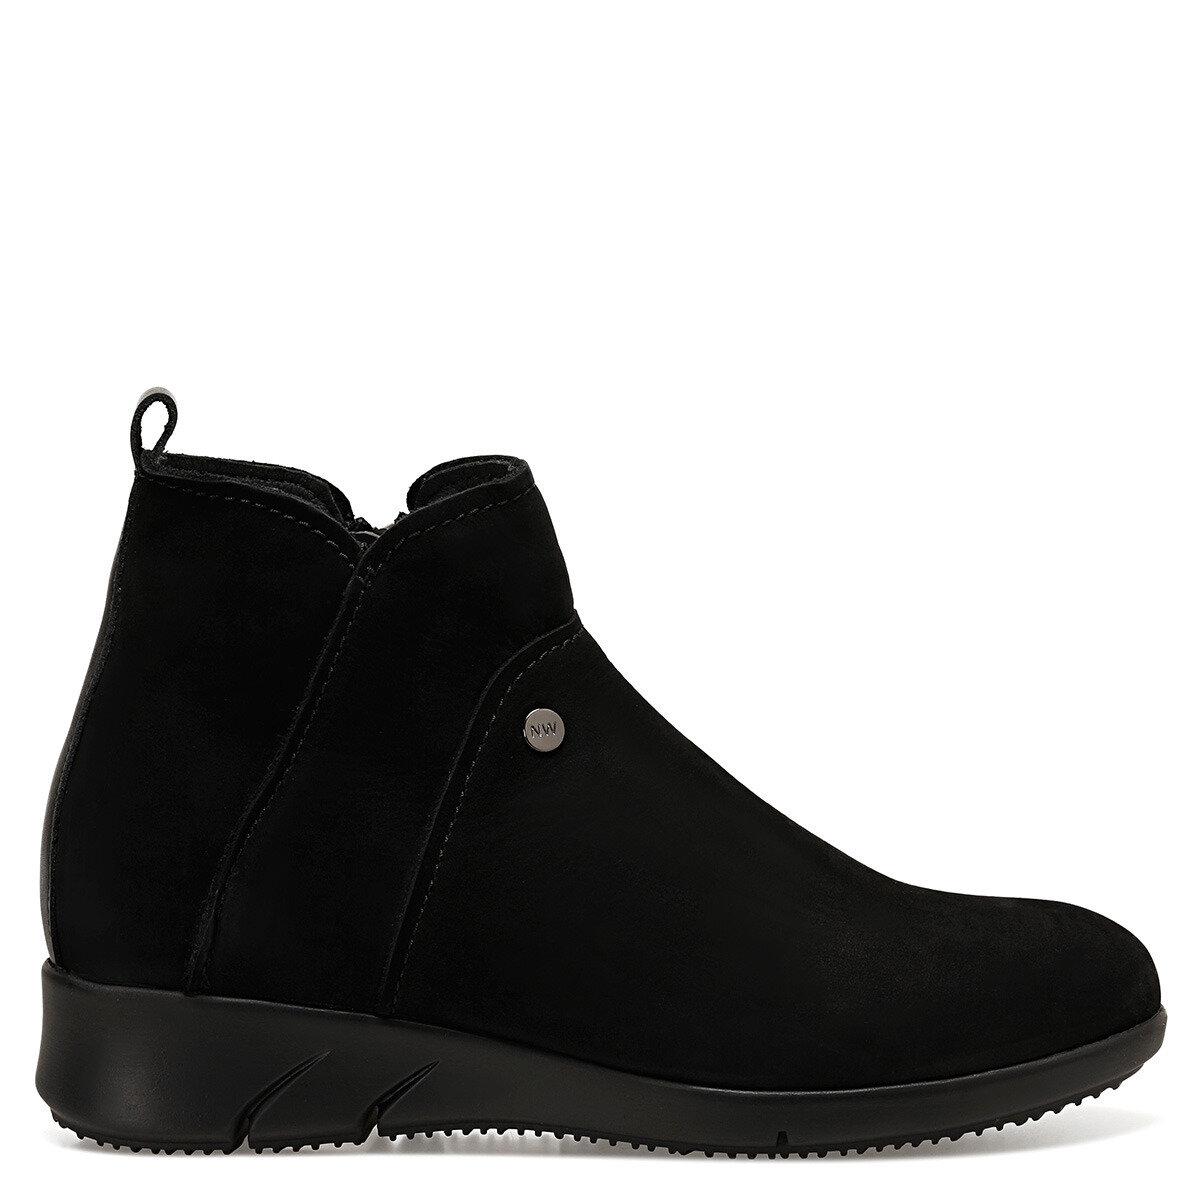 HESTIA Siyah Kadın Dolgu Topuk Ayakkabı